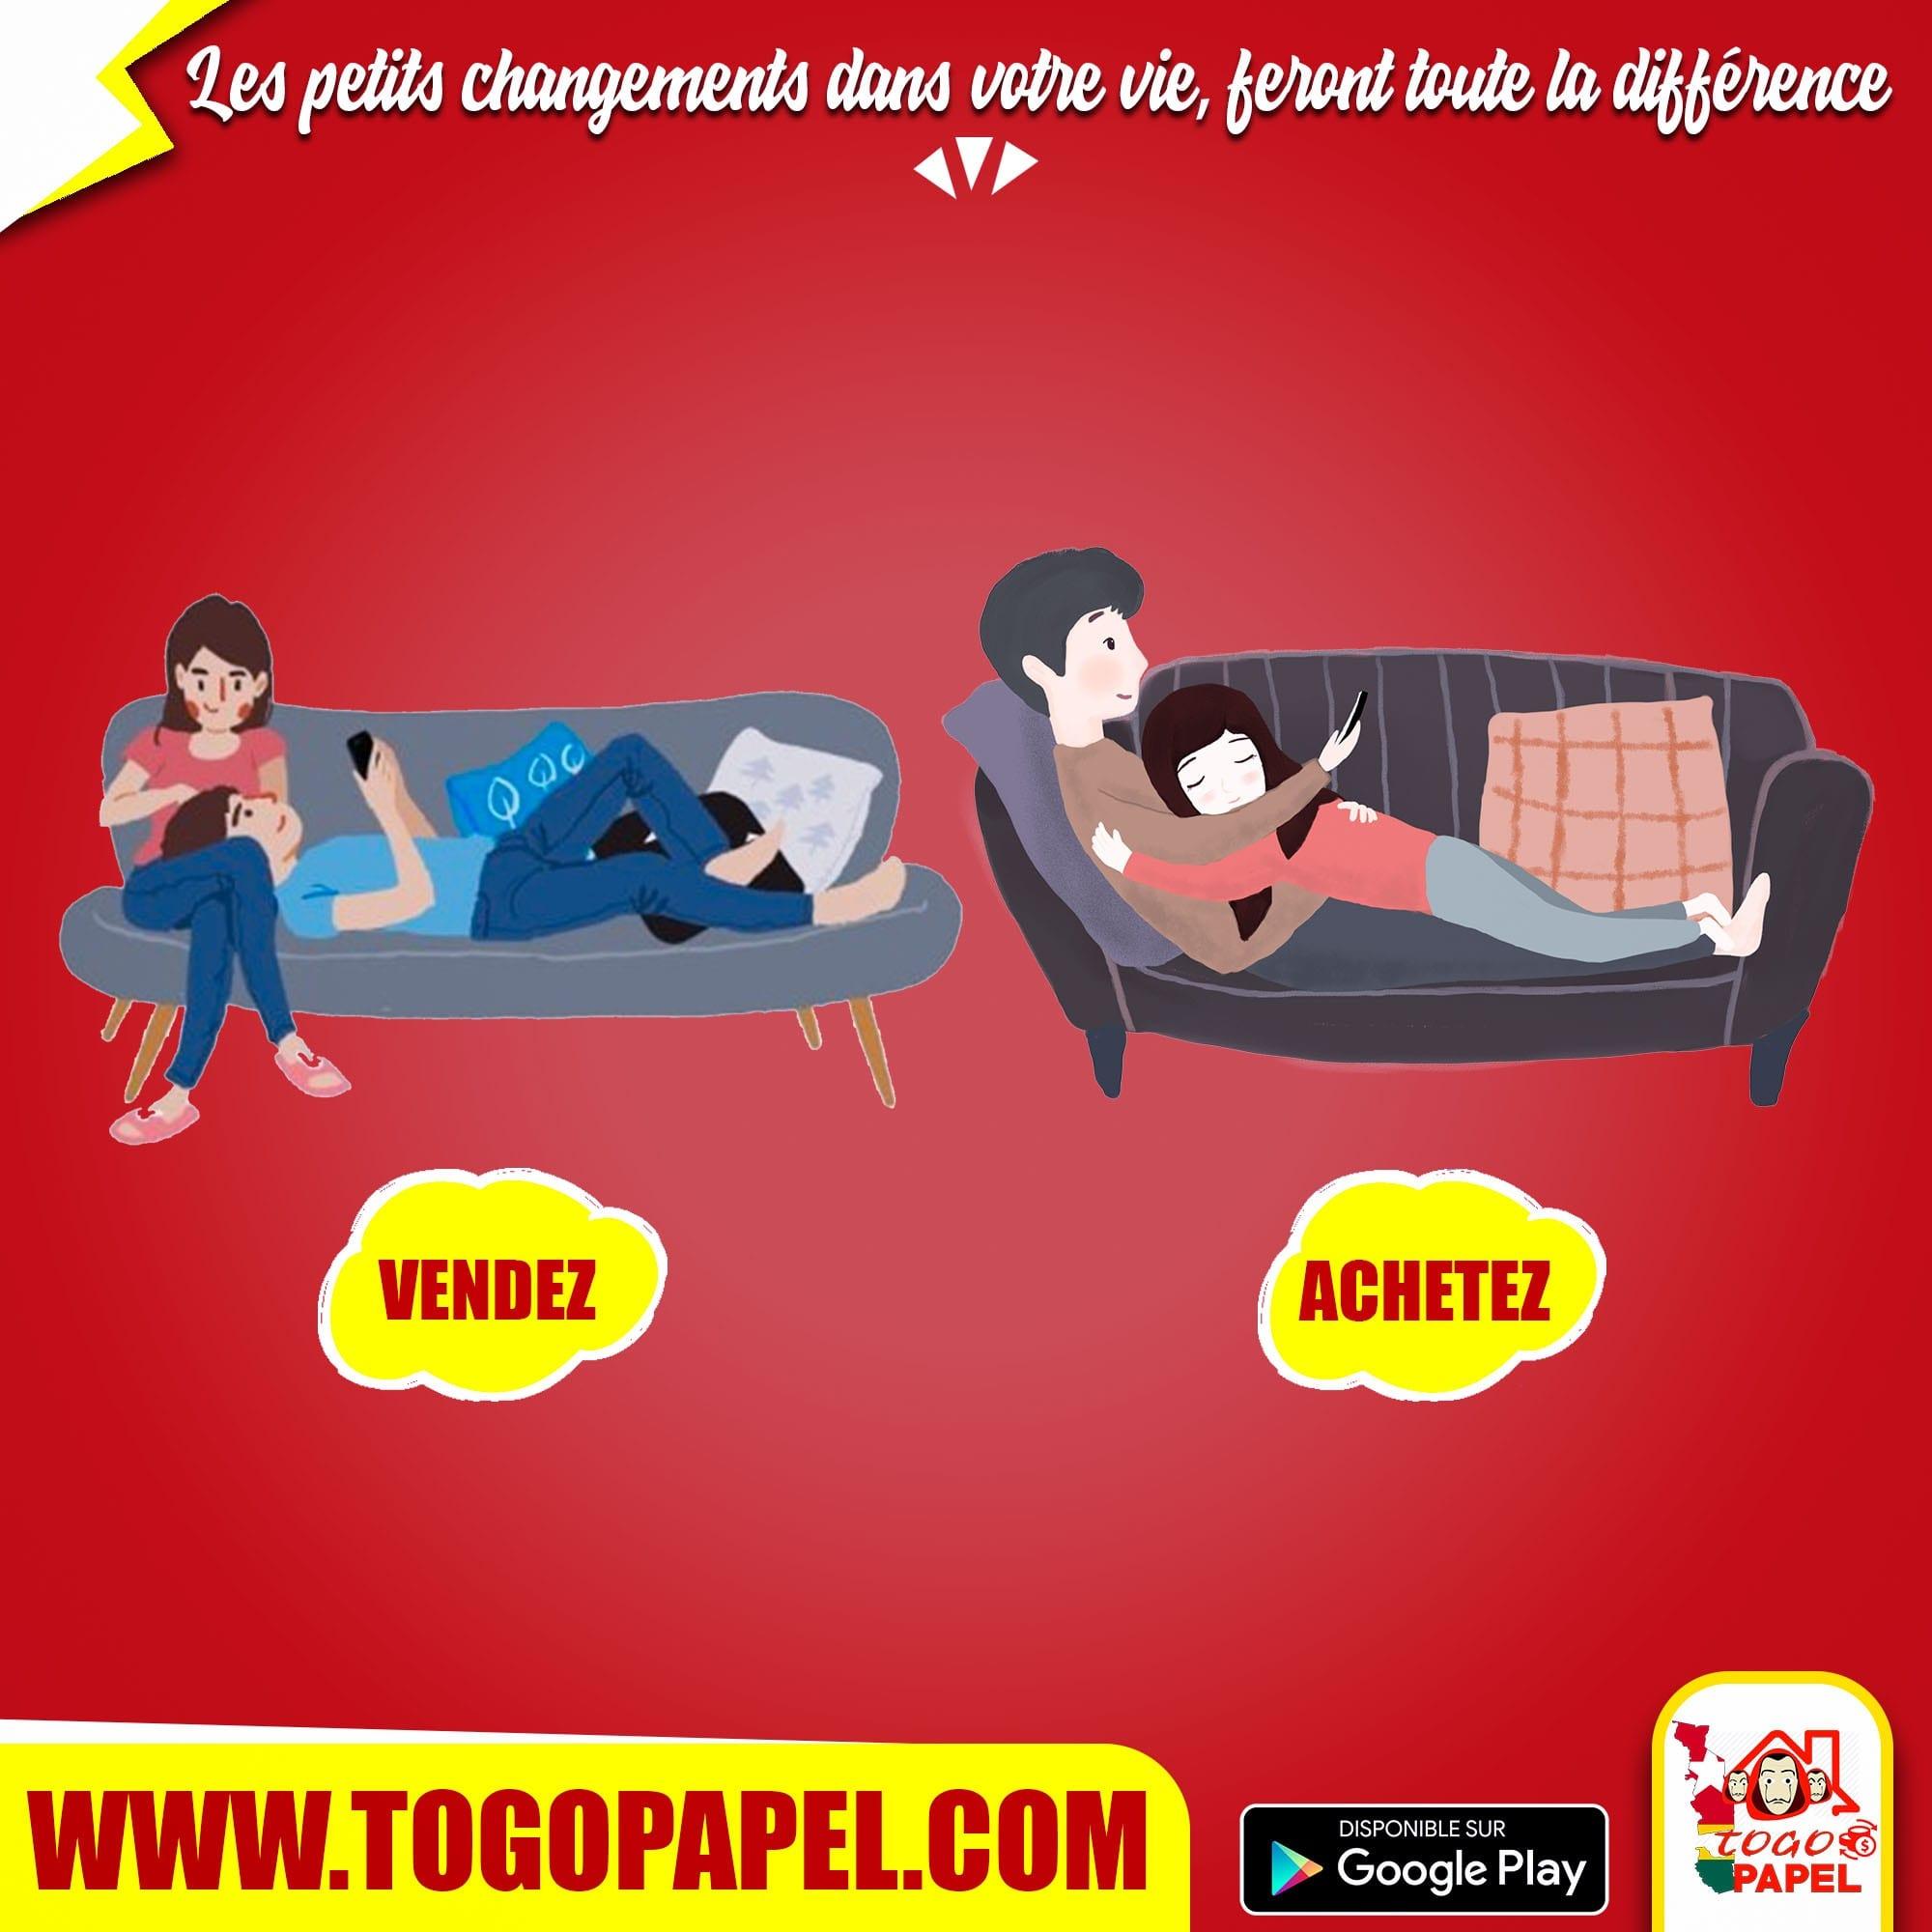 Vendre sur Togopapel.com pour gagner facilement et rapidement de l'argent